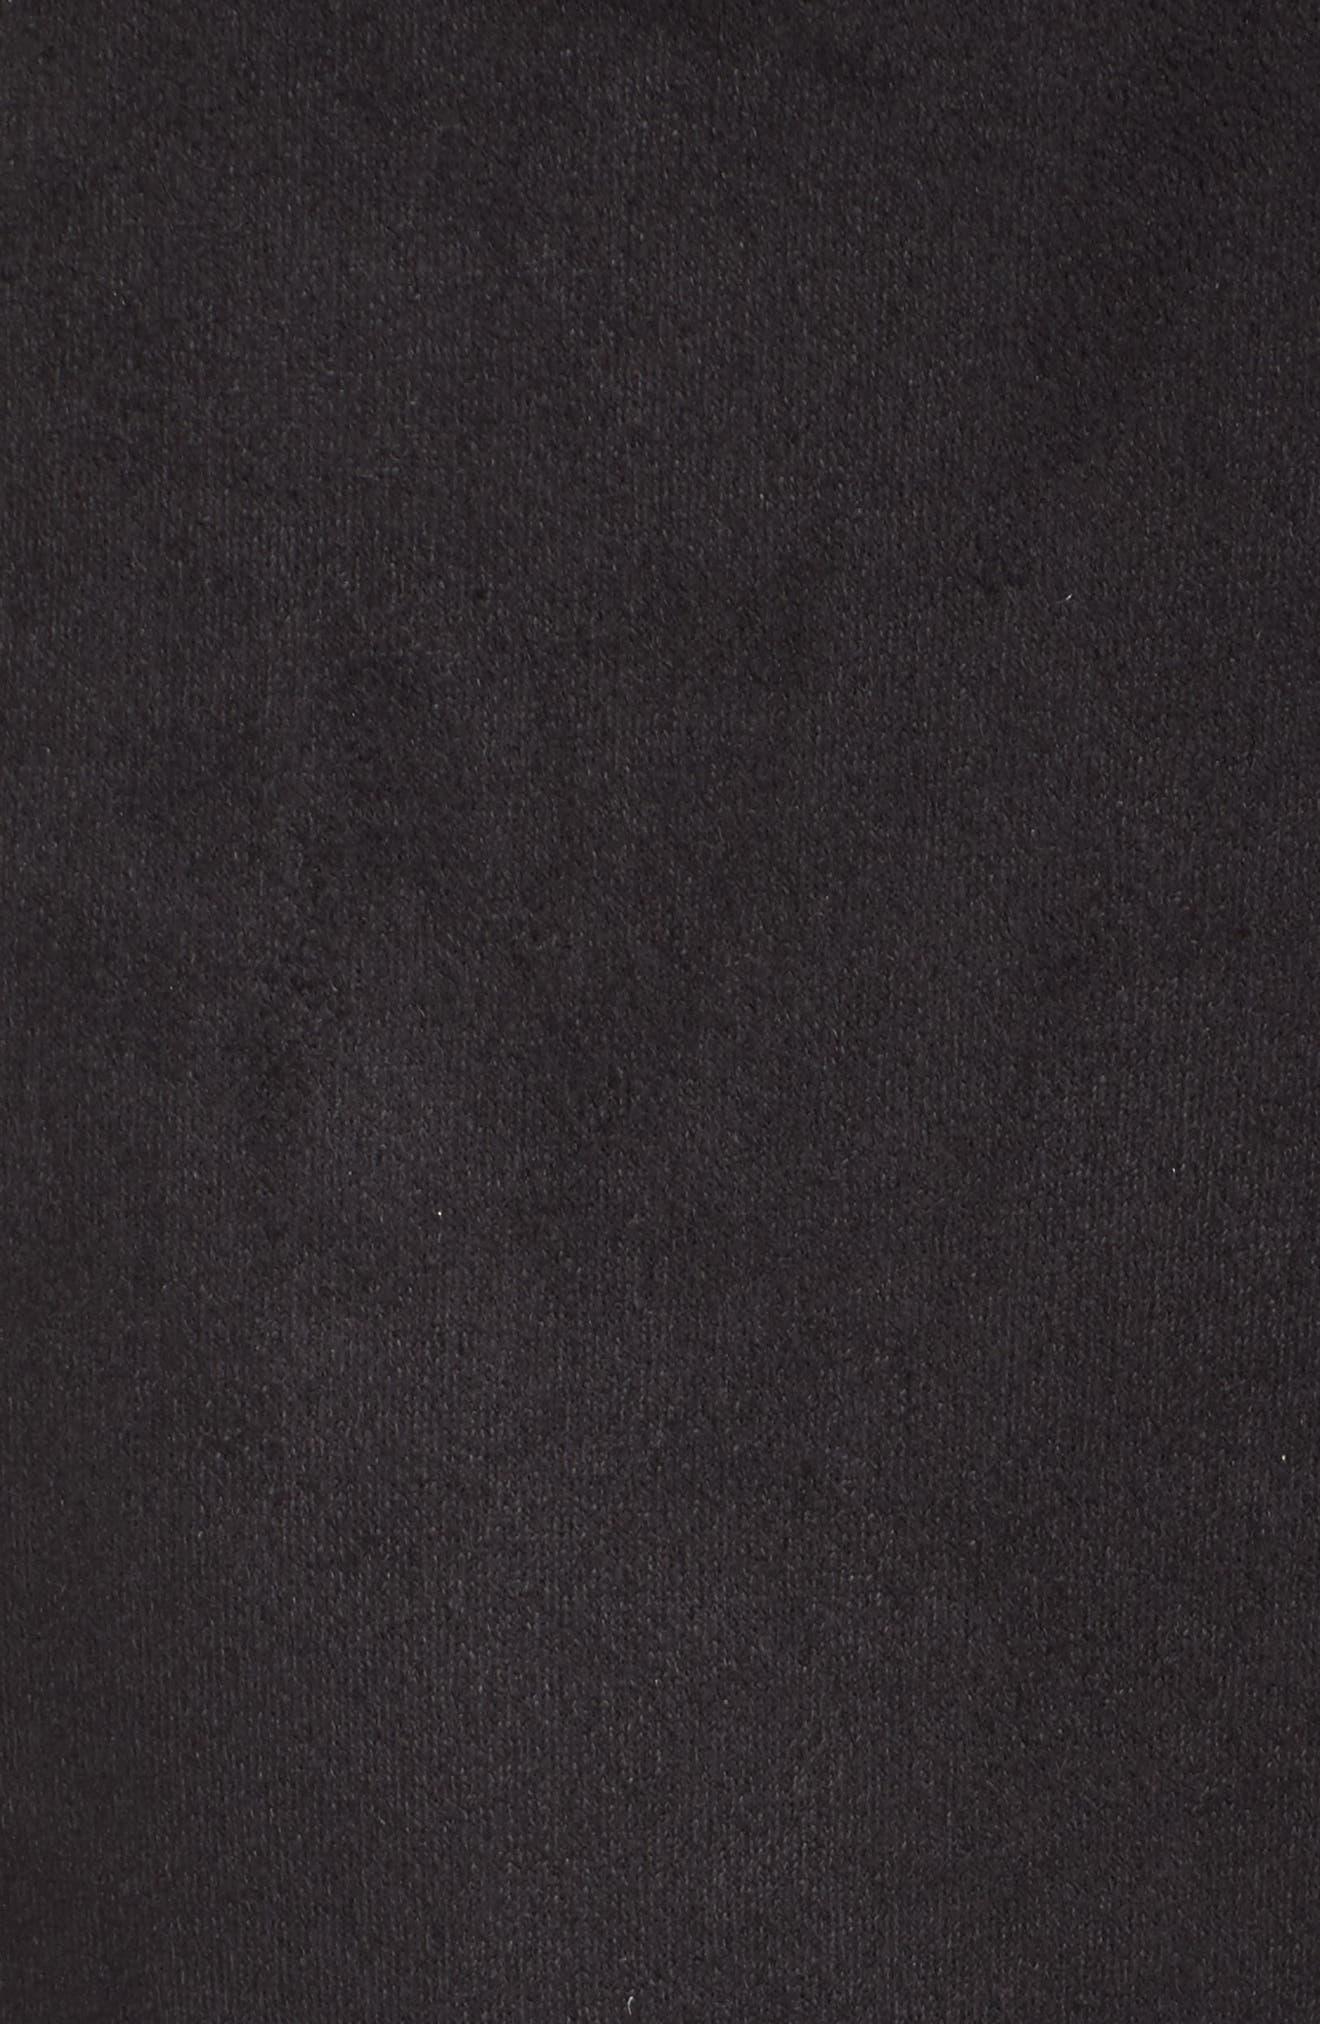 Waist Tie Skimmer Leggings,                             Alternate thumbnail 5, color,                             BLACK